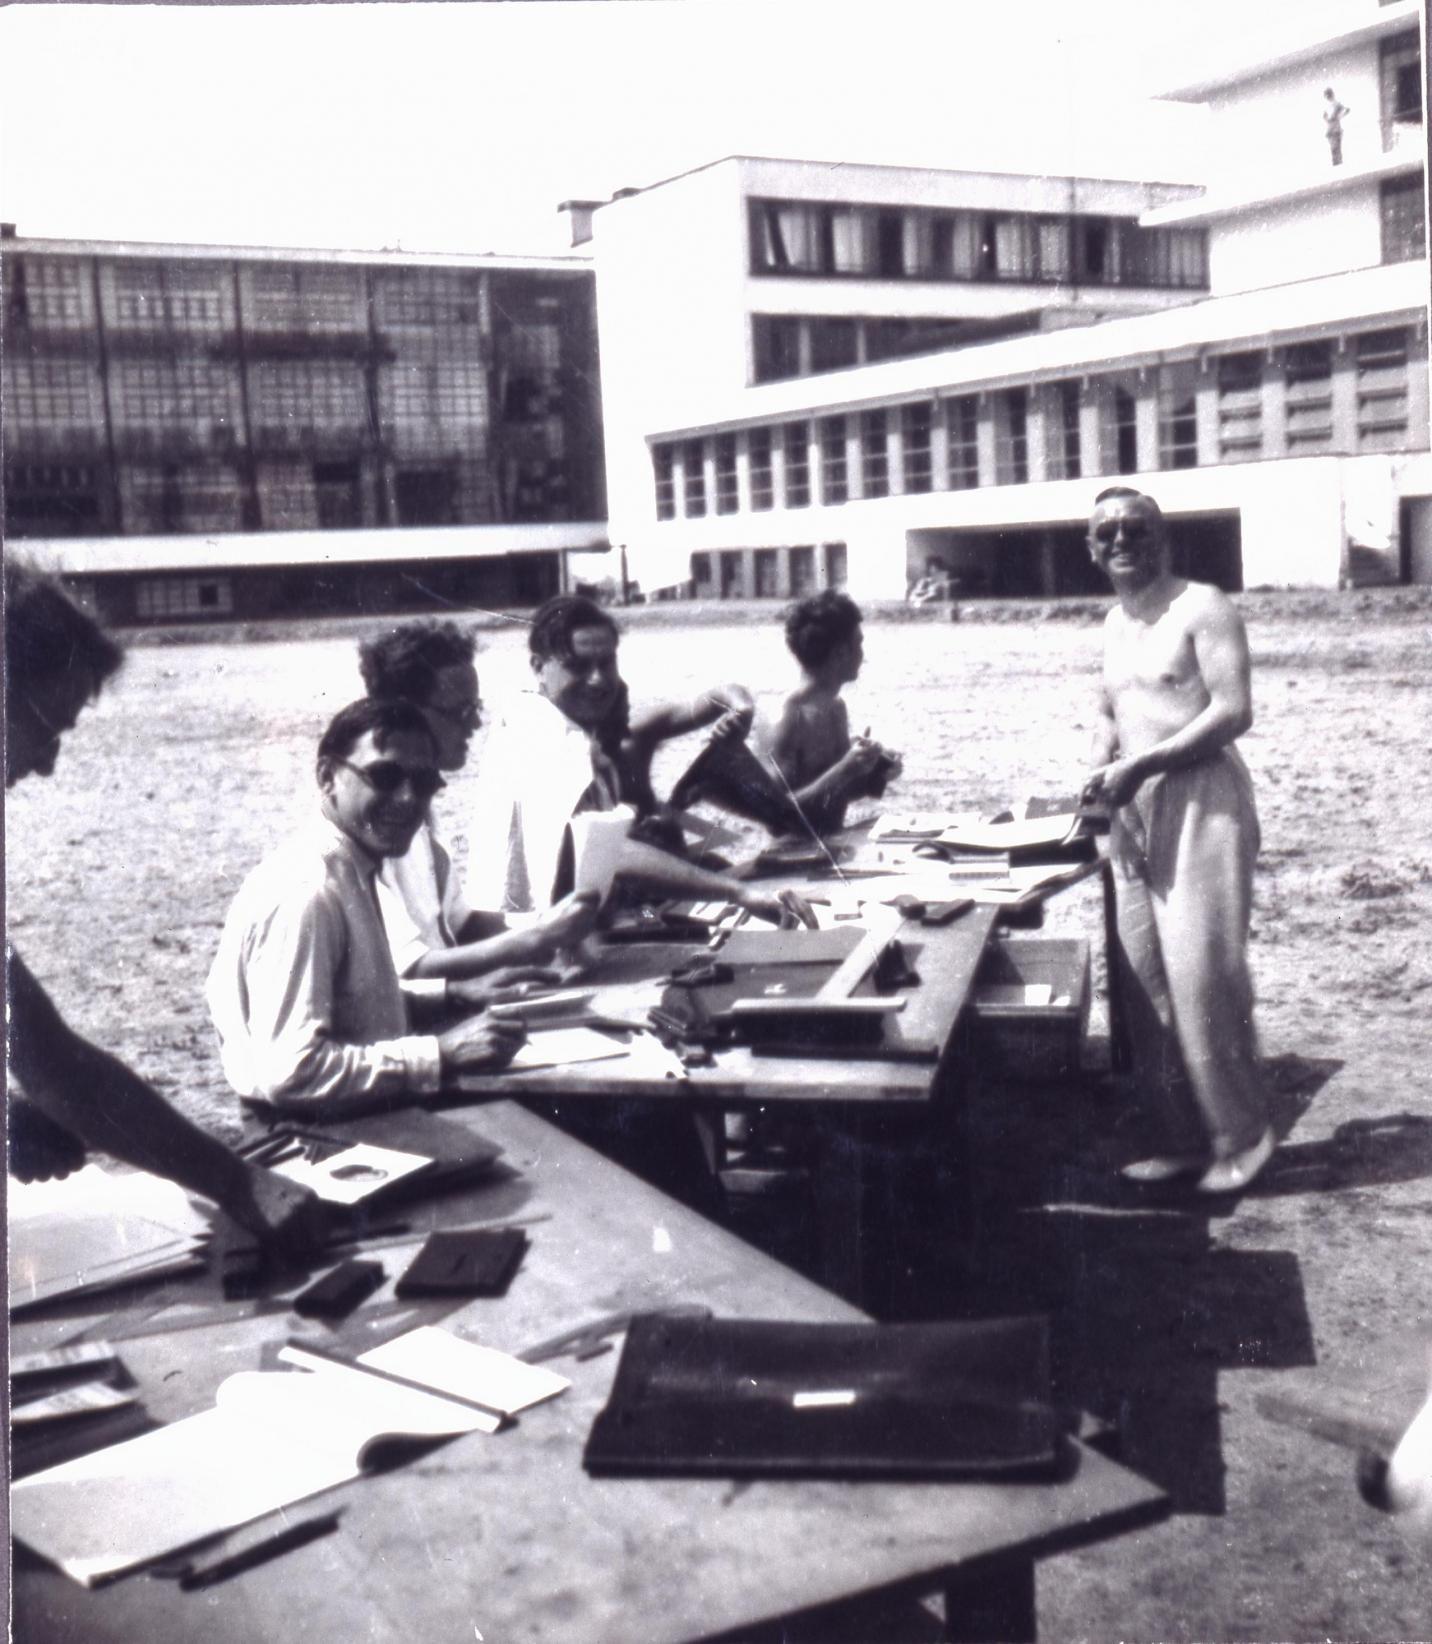 Bauhaus Baumarkt Dessau bauhaus dessau 1932 unterricht der bauabteilung mit studenten vor